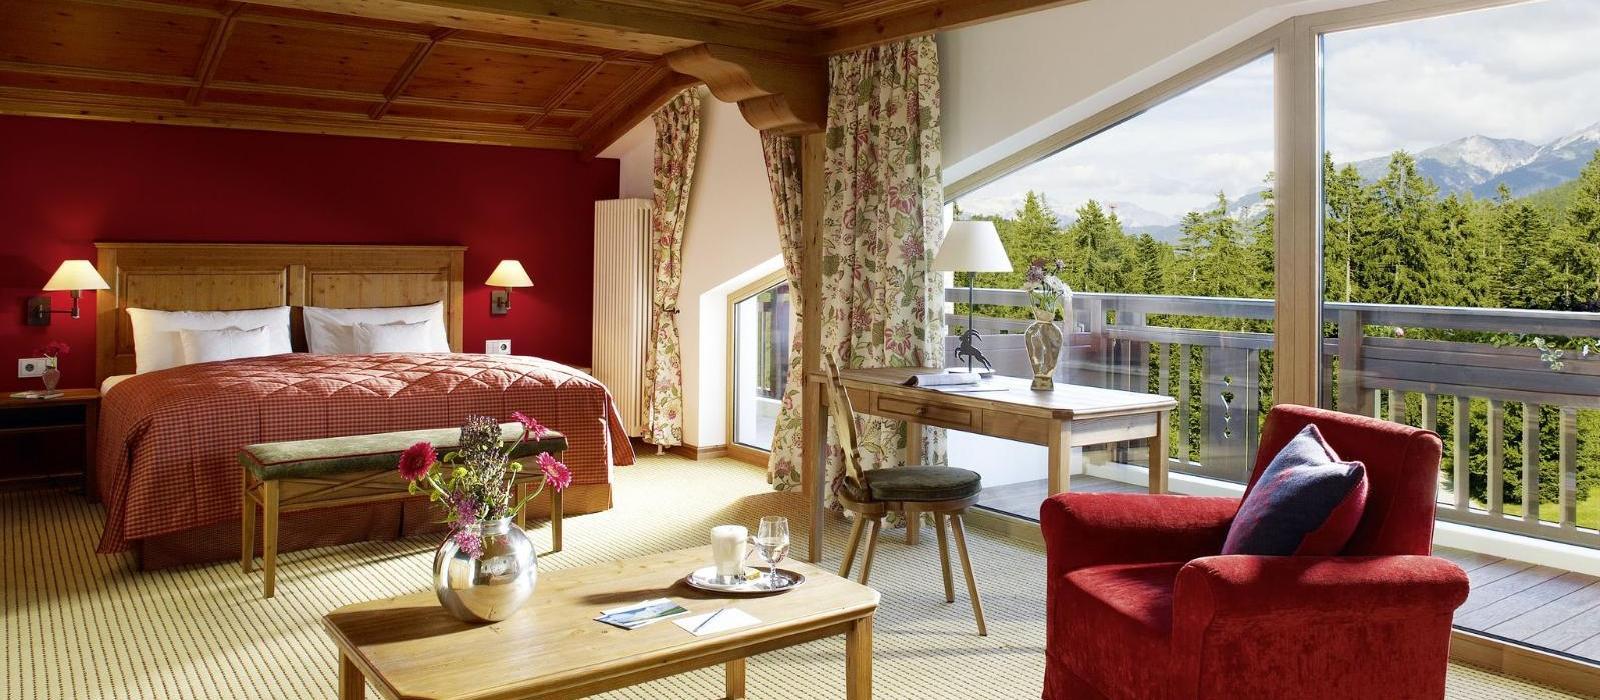 阿尔卑斯山蒂罗尔度假酒店(Interalpen-Hotel Tyrol) 套房图片  www.lhw.cn